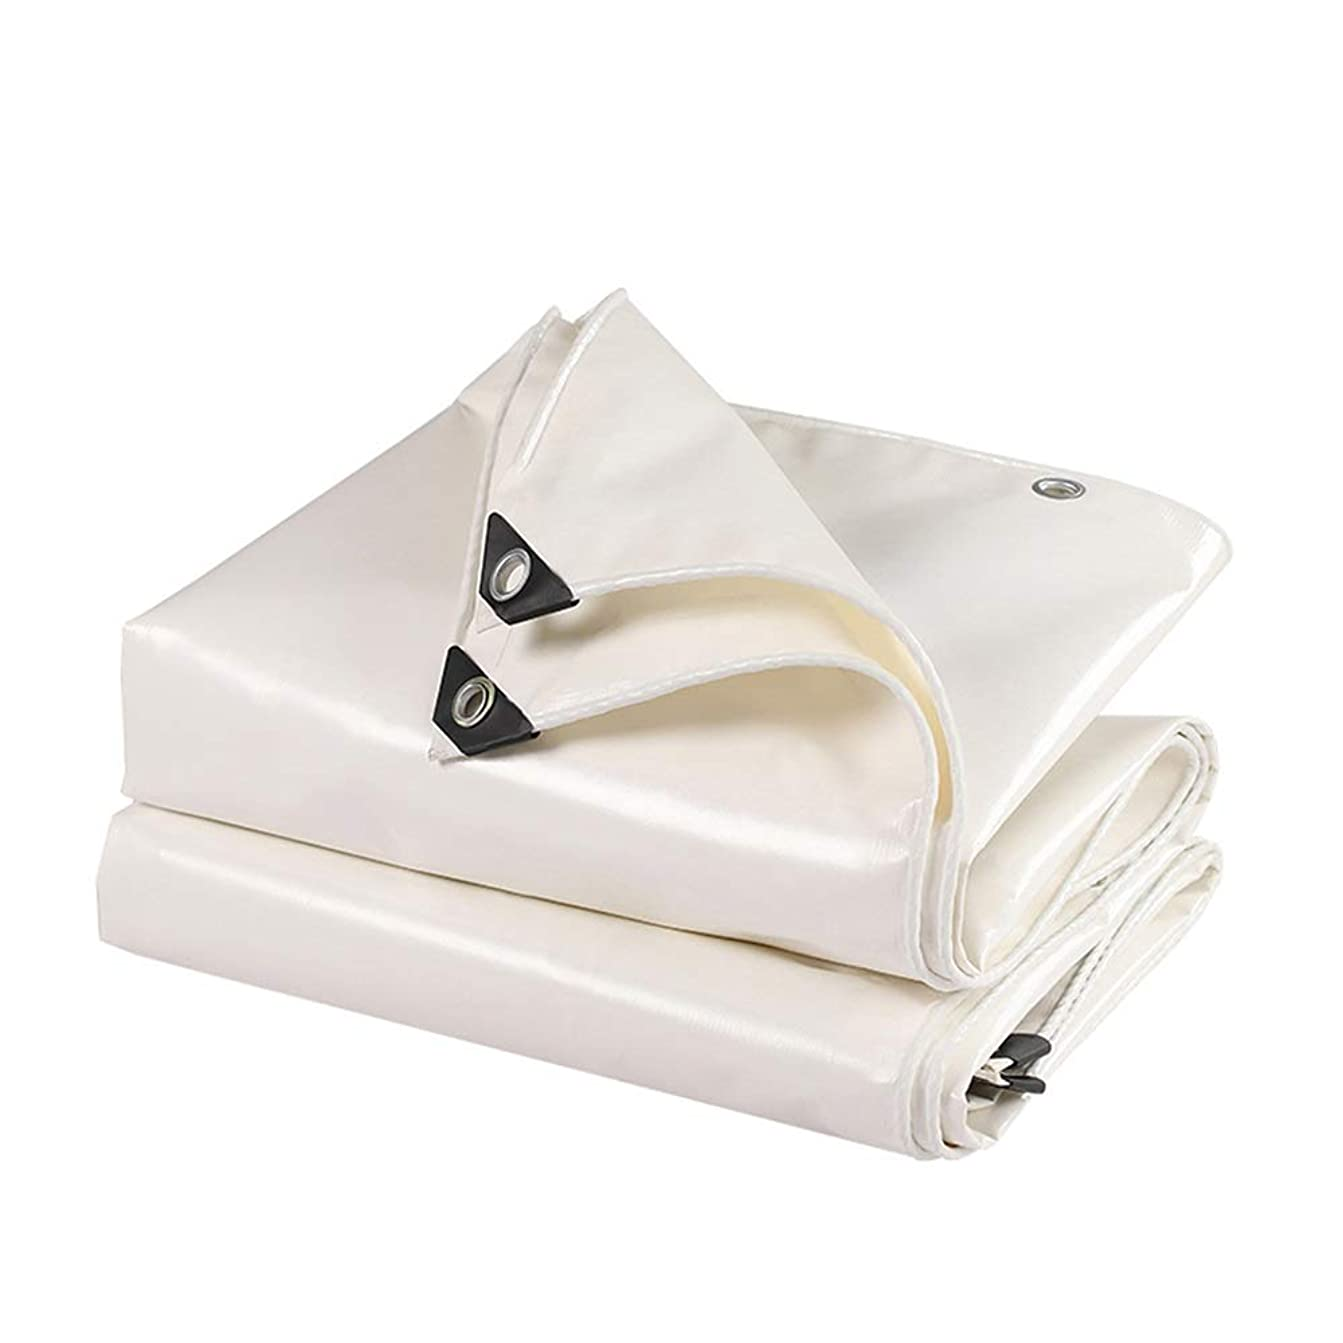 イーウェル専ら文句を言うHPLL 多目的防水シート 白は防雨布、屋外日焼け止めターポリン伸縮式小屋プッシュプルターポリン防水キャノピー布キャンバスをカバーするレインリノリウムを厚くします 防水シートのプラスチック布,防雨布 (Size : 2m×2m)